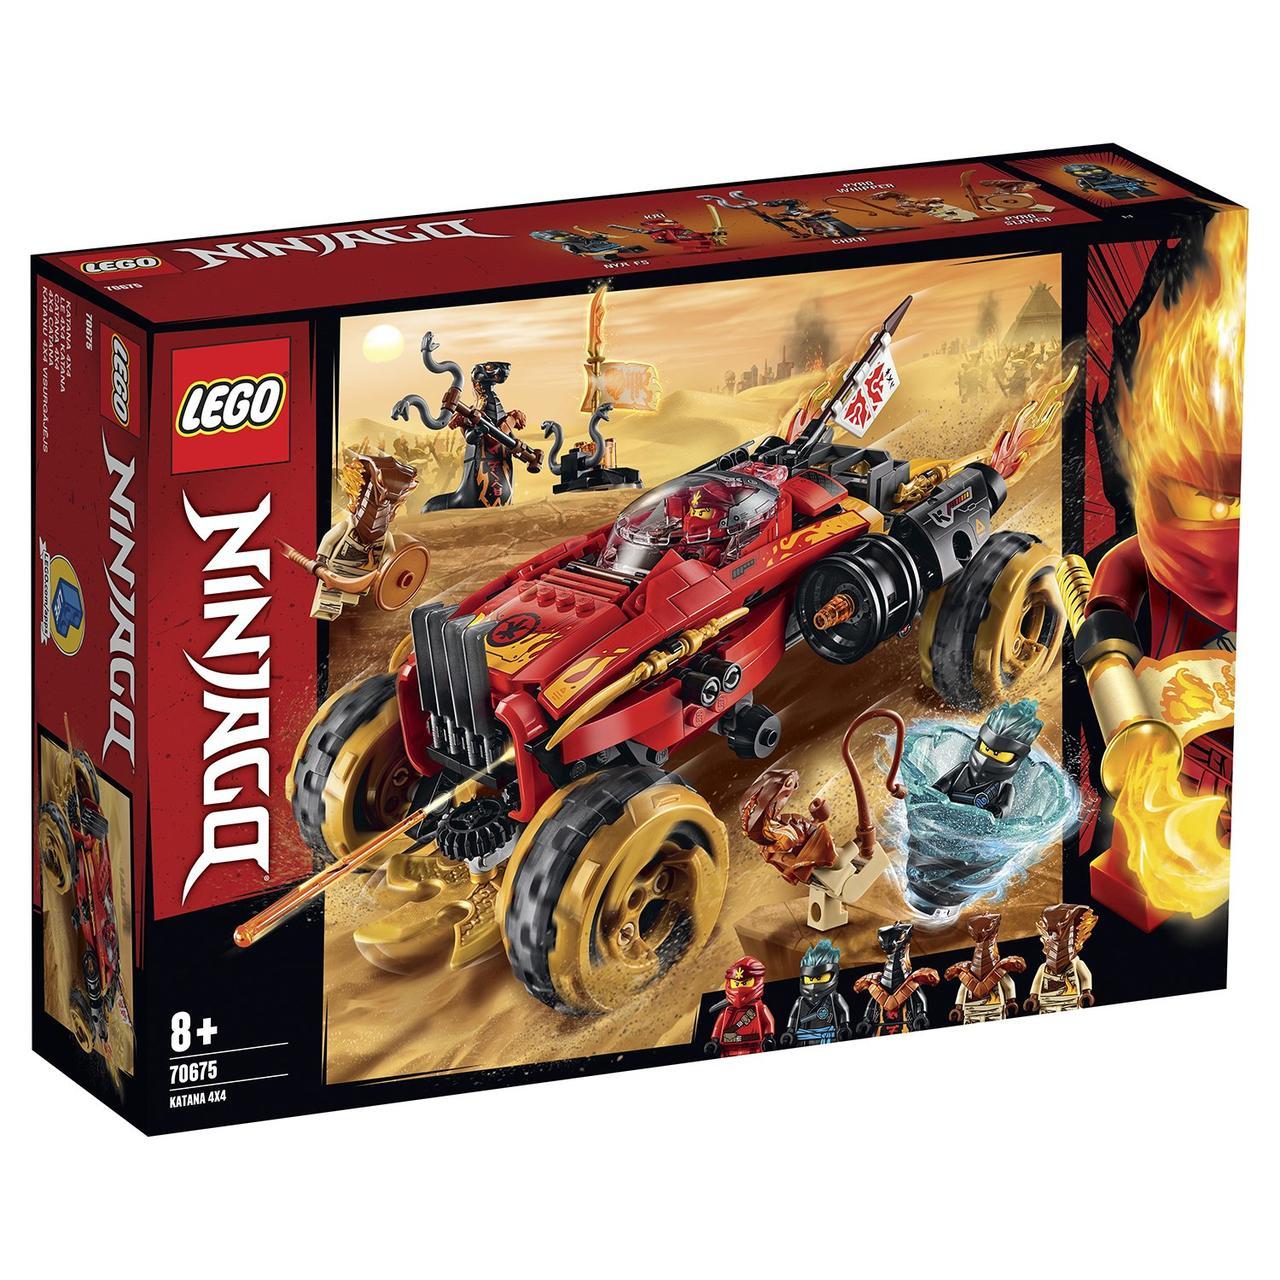 70675 Lego Ninjago Внедорожник Катана 4x4, Лего Ниндзяго